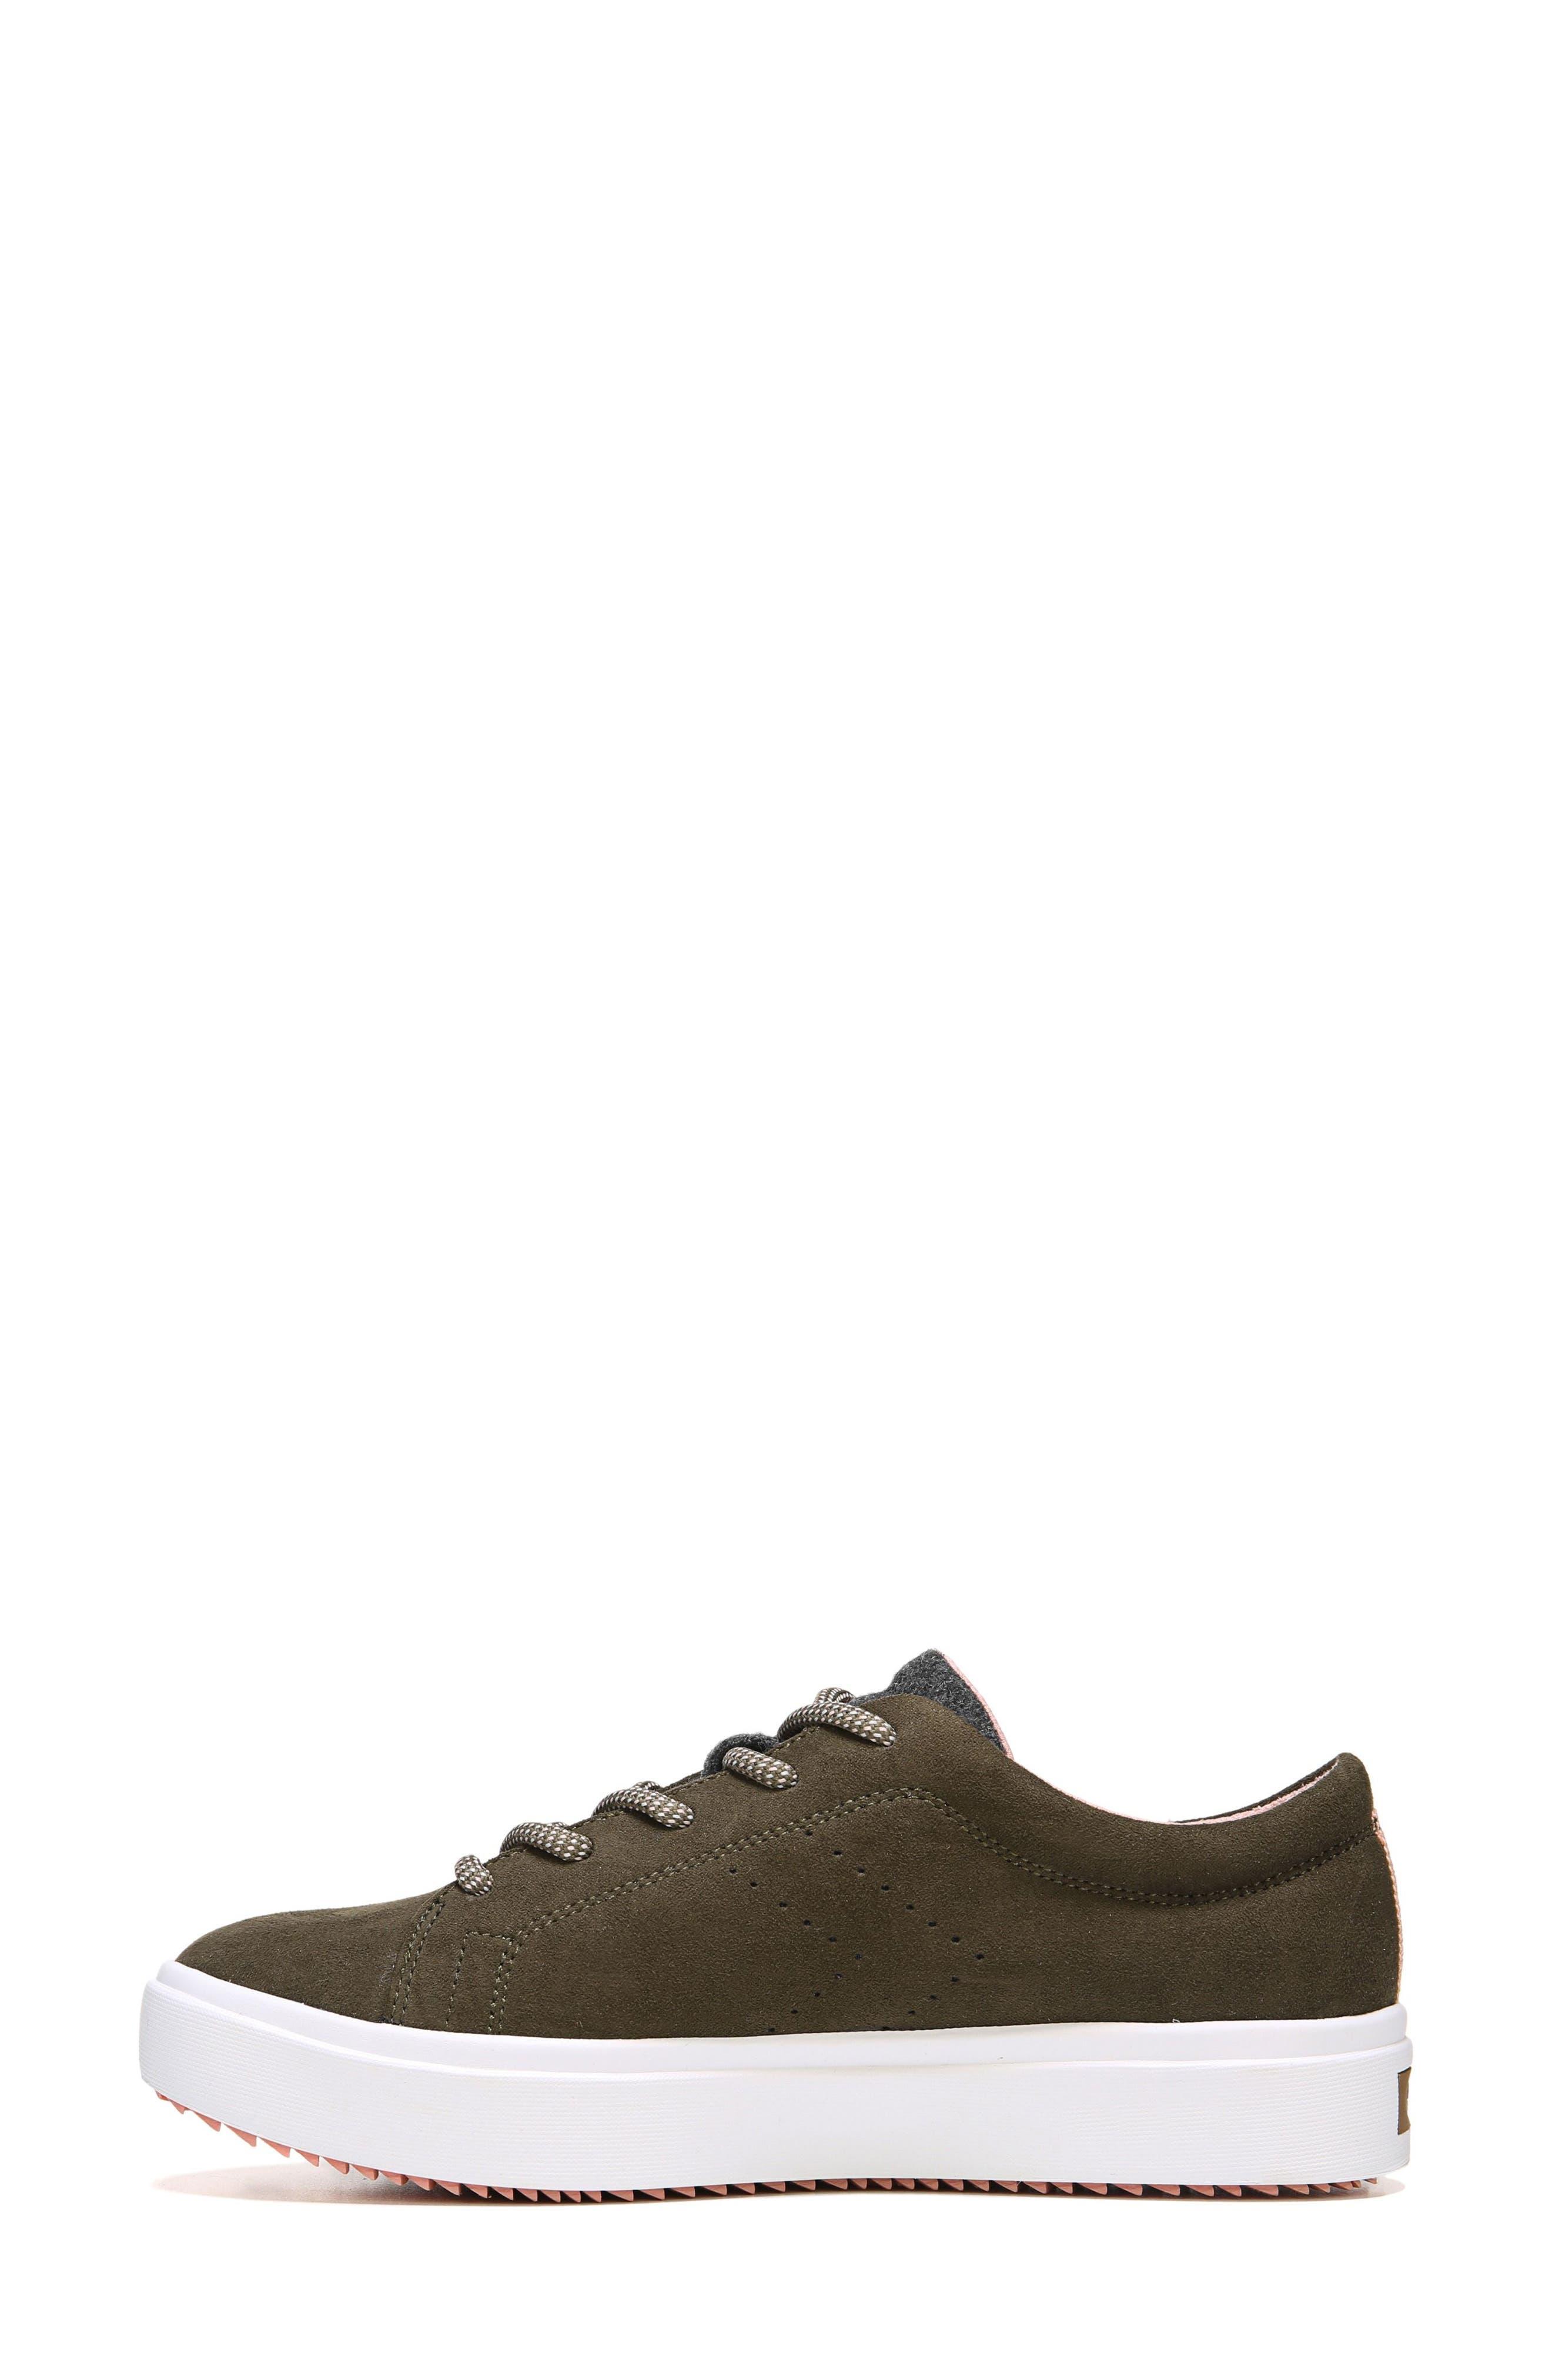 Alternate Image 2  - Dr. Scholl's Wander Sneaker (Women)